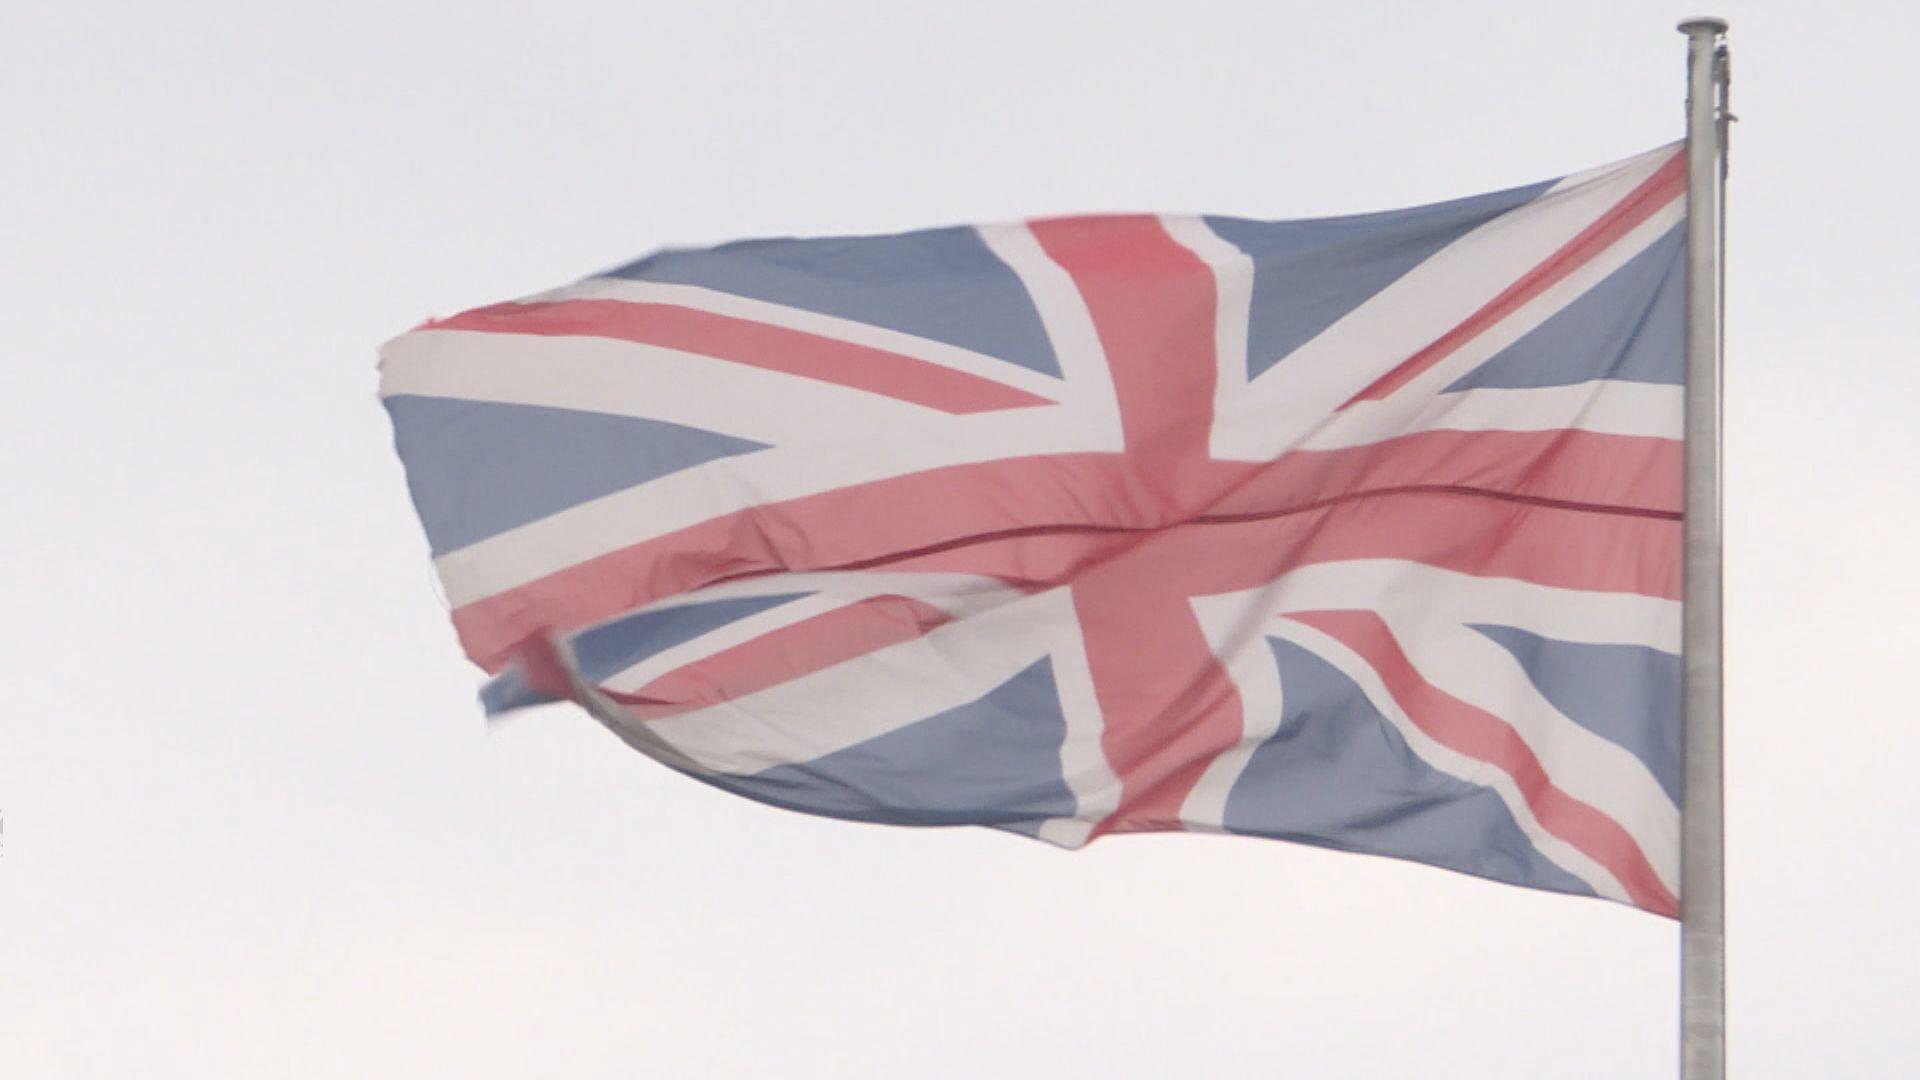 高盛:脫歐已導致英國GDP損失約2.5%